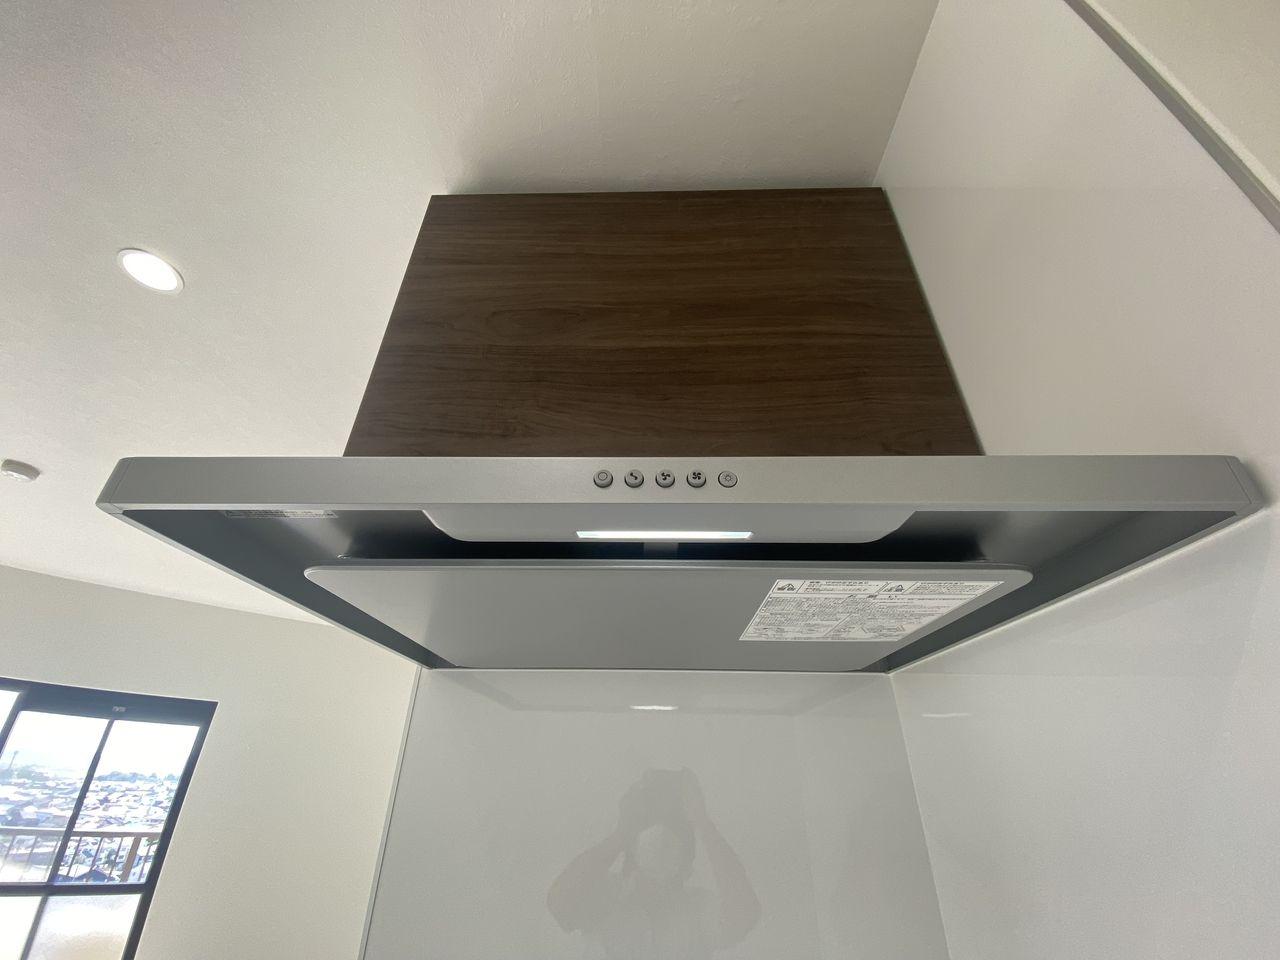 凹凸の少ないシンプルなデザインが特徴で、油汚れなどがつきにくく、日々のお手入れはフラットな整流板を拭くだけでよくお手入れが簡単